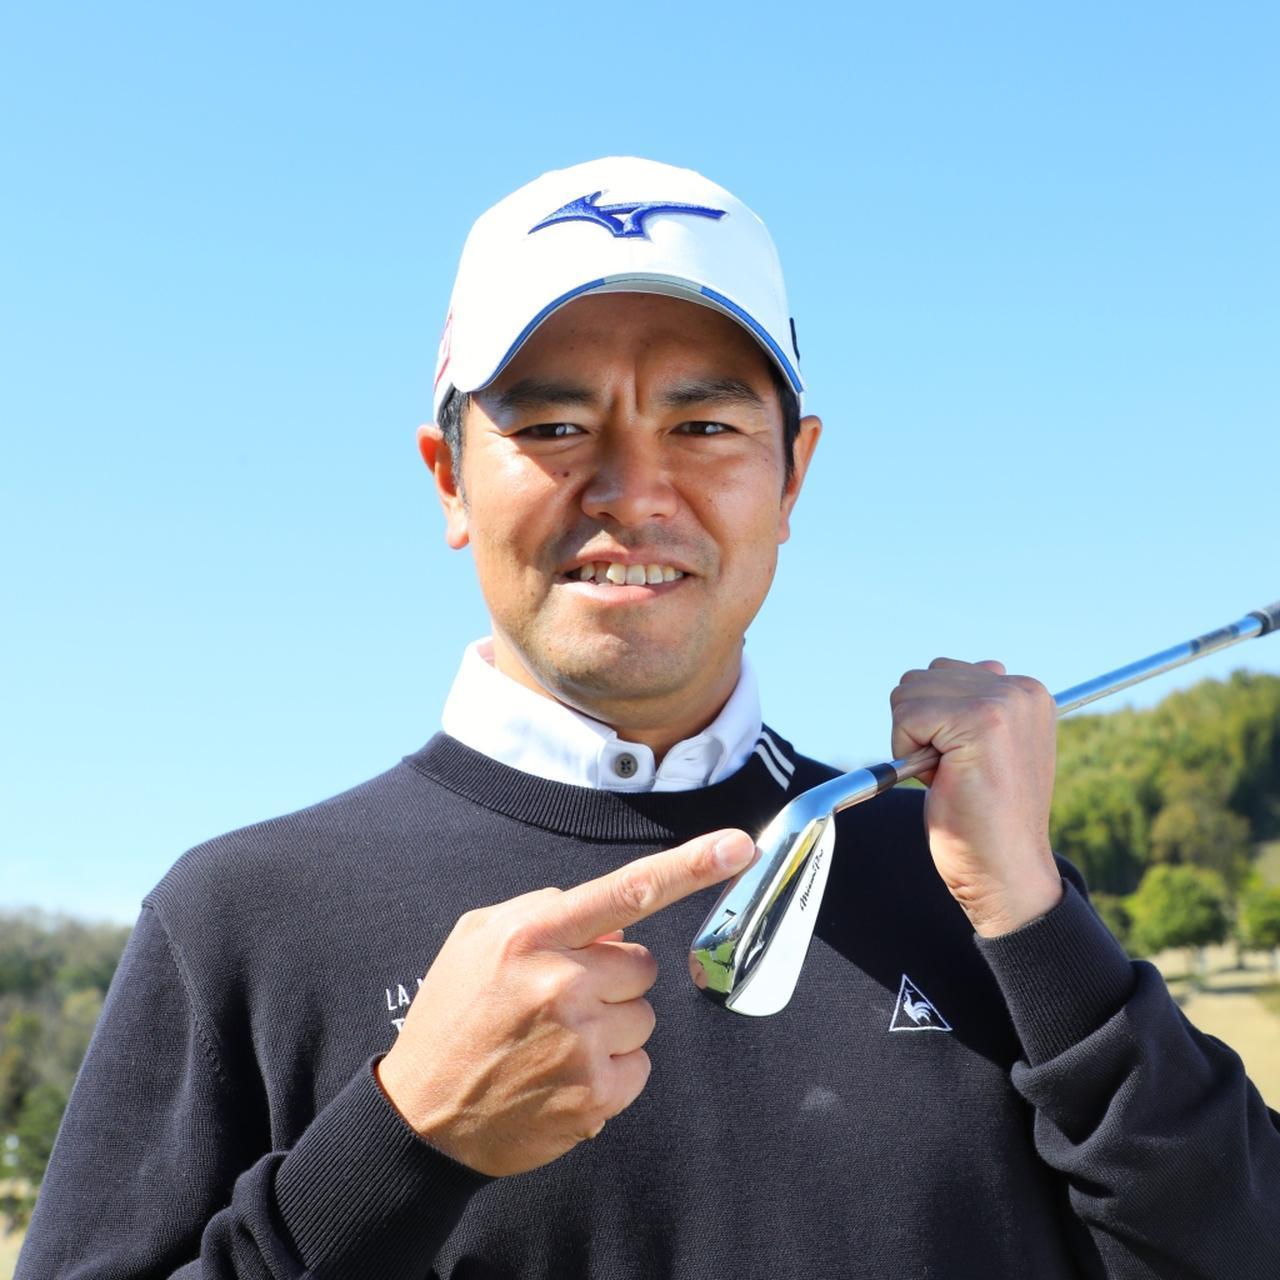 画像: 武藤俊憲 「ソールのヒール側をけっこう削り落とし、抜けが良くて引っかかりません」